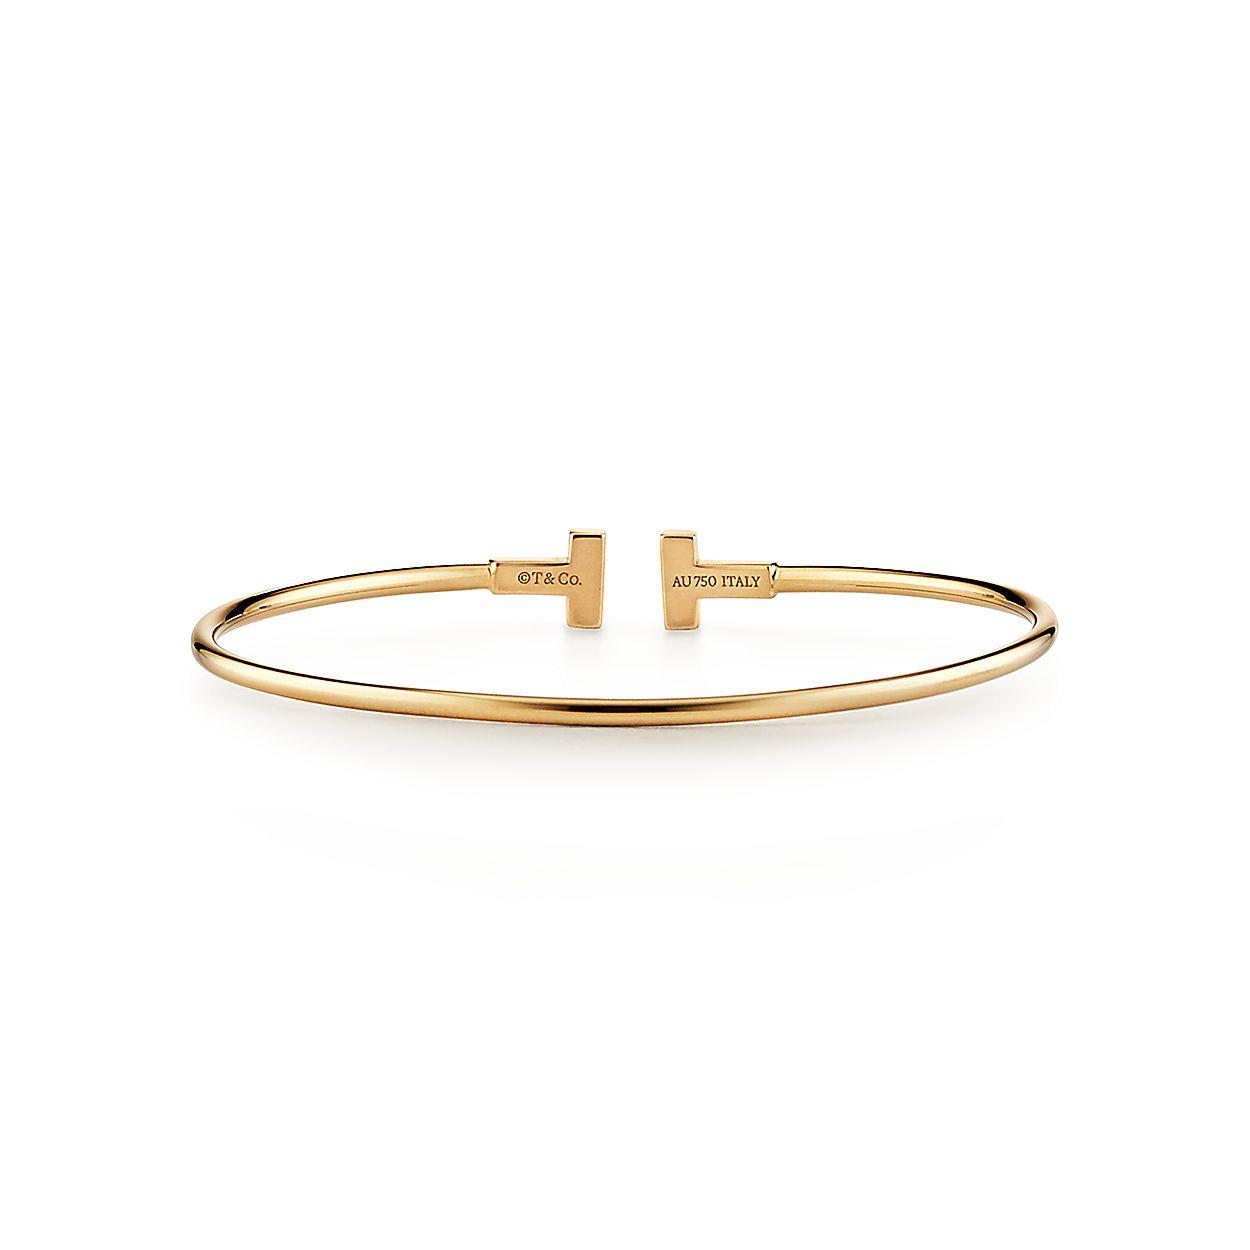 a7ebb73e8 Tiffany T narrow wire bracelet in 18k gold, medium. | Tiffany & Co.